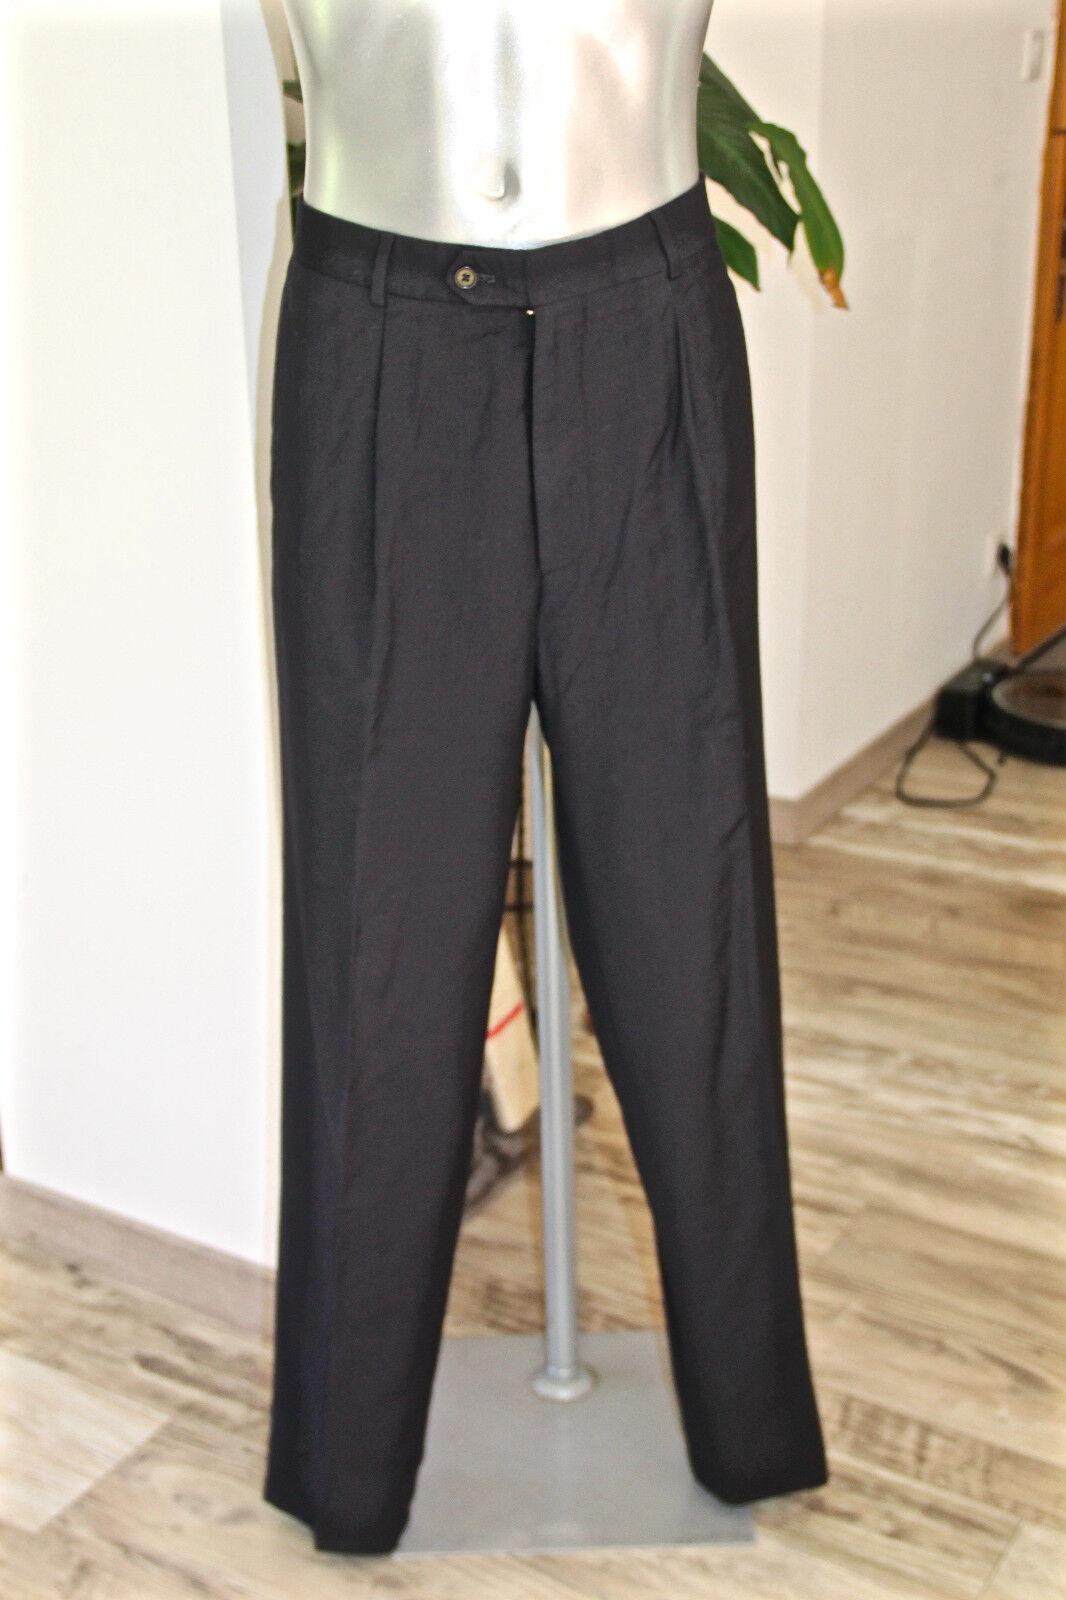 Pantalon costume laine bleu marine stretch HUGO BOSS hokker T 44-46 fr (GR 52)